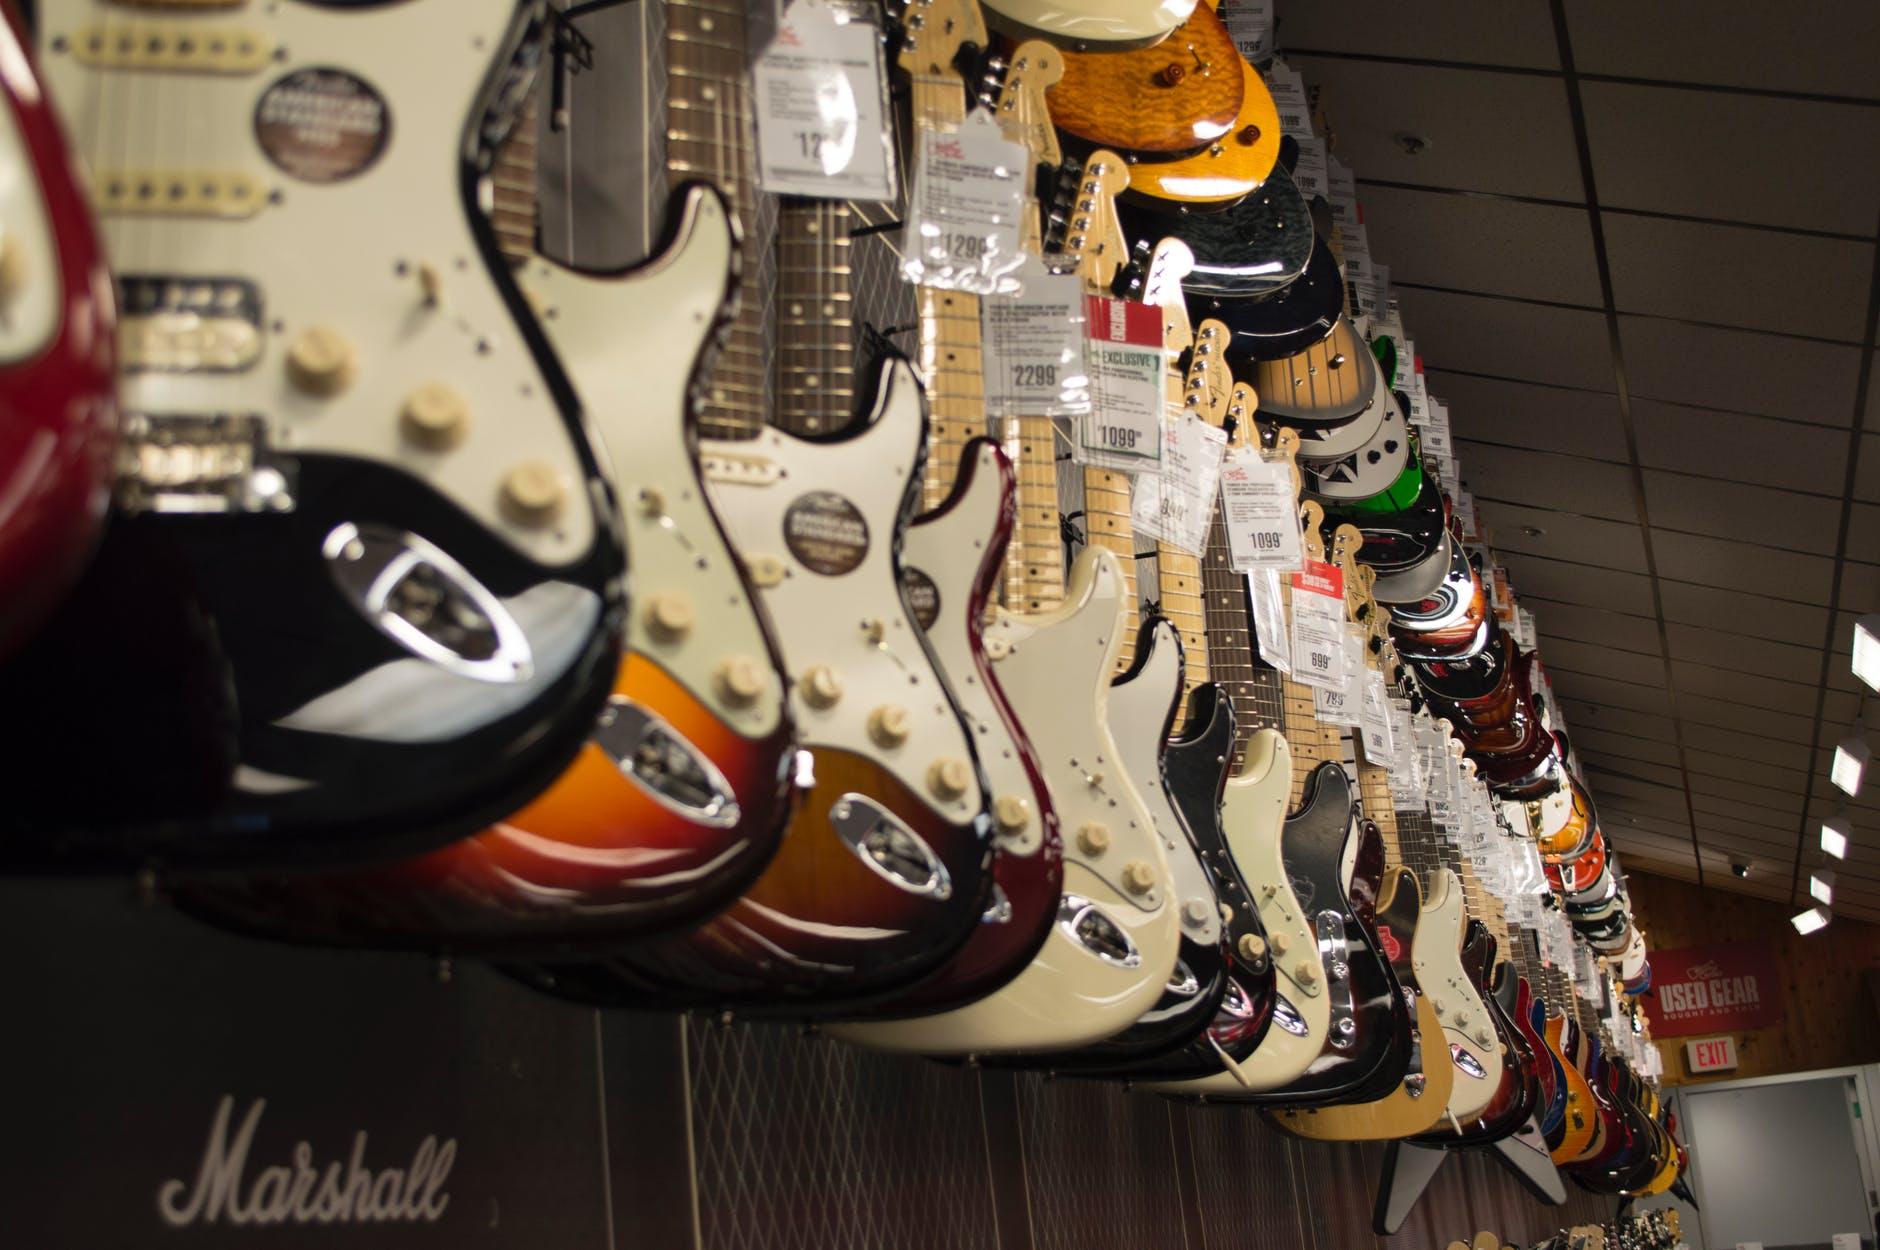 מה ההבדל בין סוגי המפרטים לגיטרות?